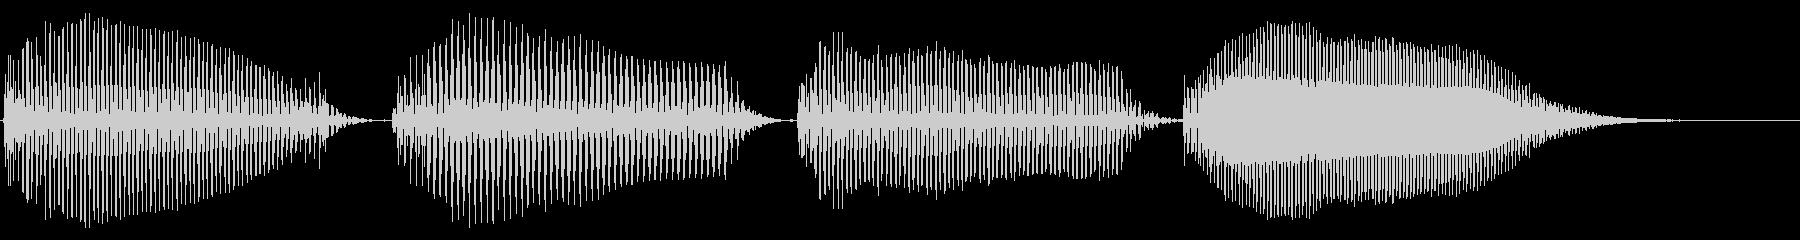 明るくゆるいトランペットフレーズの未再生の波形